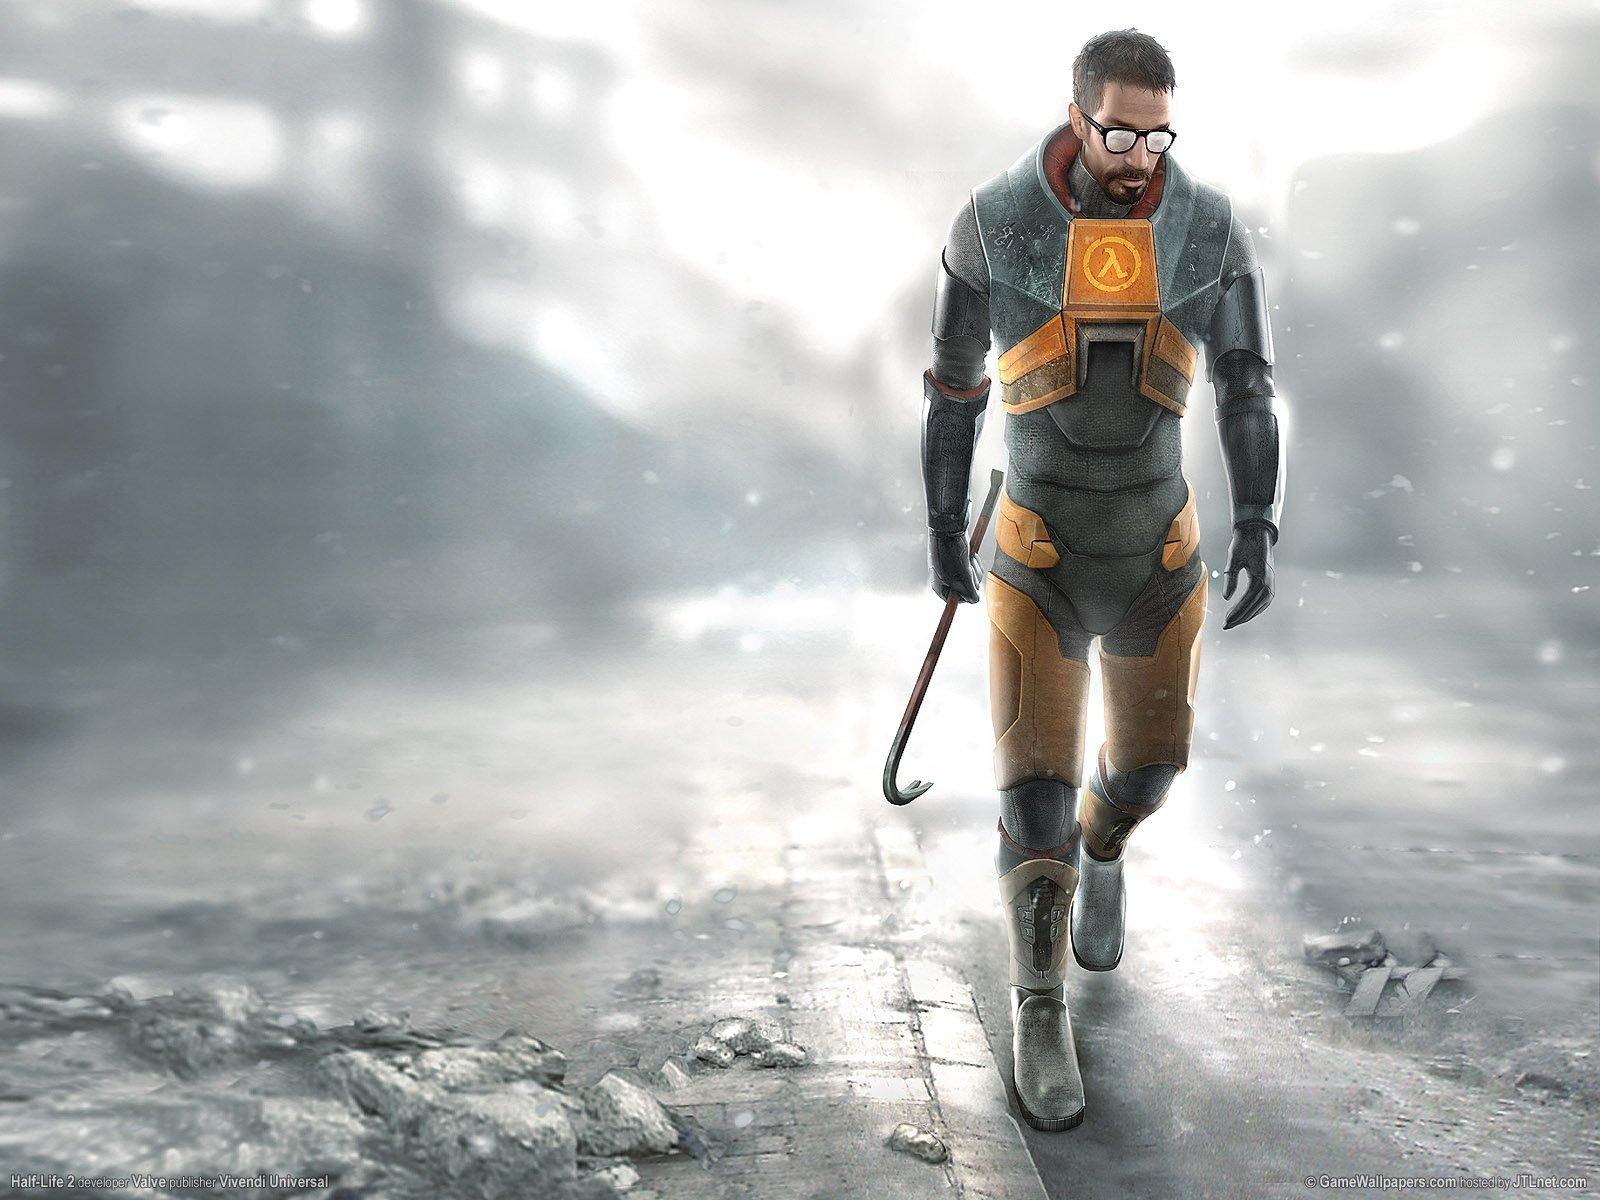 Свершилось то, чего мы все так долго ждали. Half-life 3 появился в списке игр, которые будут представлены на GamesCo .... - Изображение 1